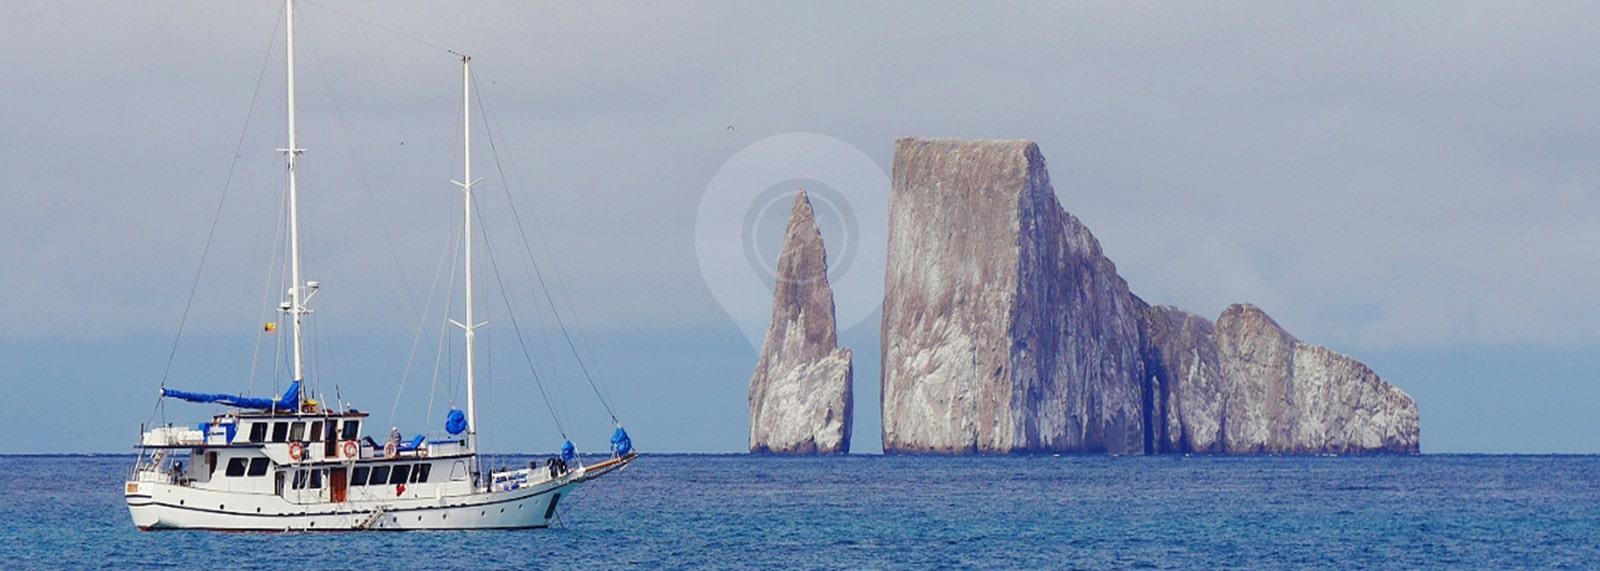 Cachalote Galapagos Sailboat